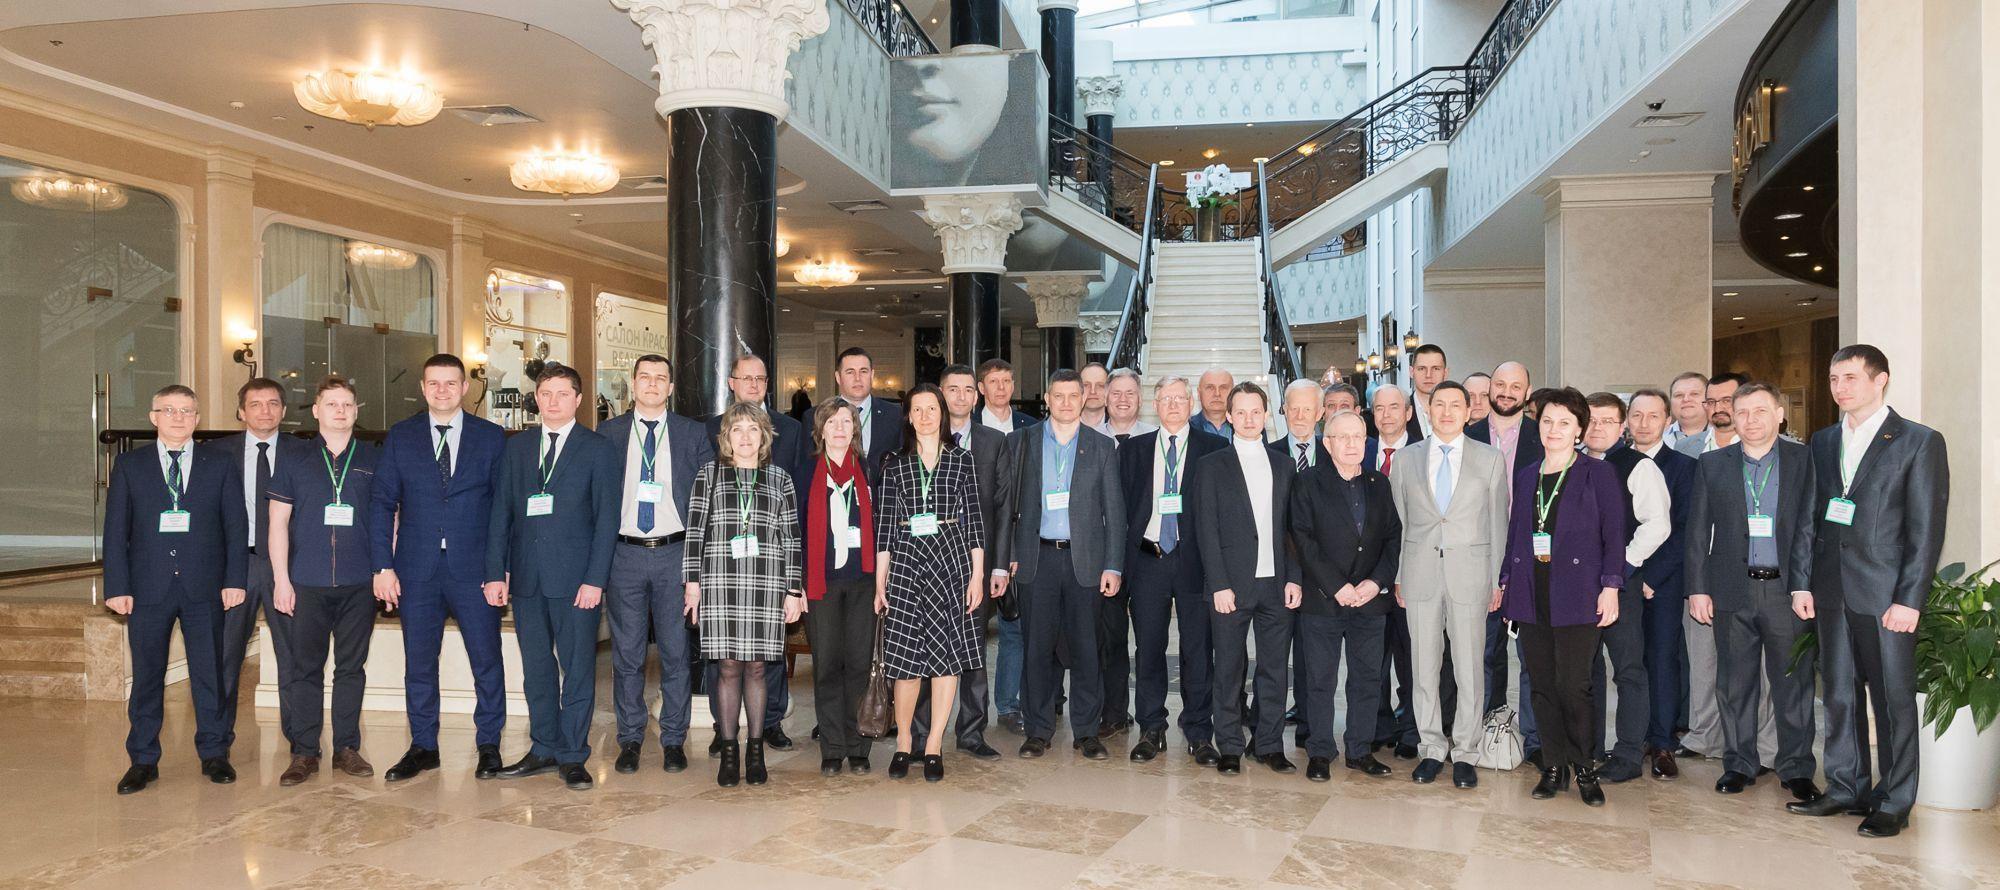 Промышленные полигоны, ВИЭ, новые технологии и оборудование обсудят эксперты отрасли 16-17 марта 2021 г. на конференции «Механизированная добыча нефти-2021»